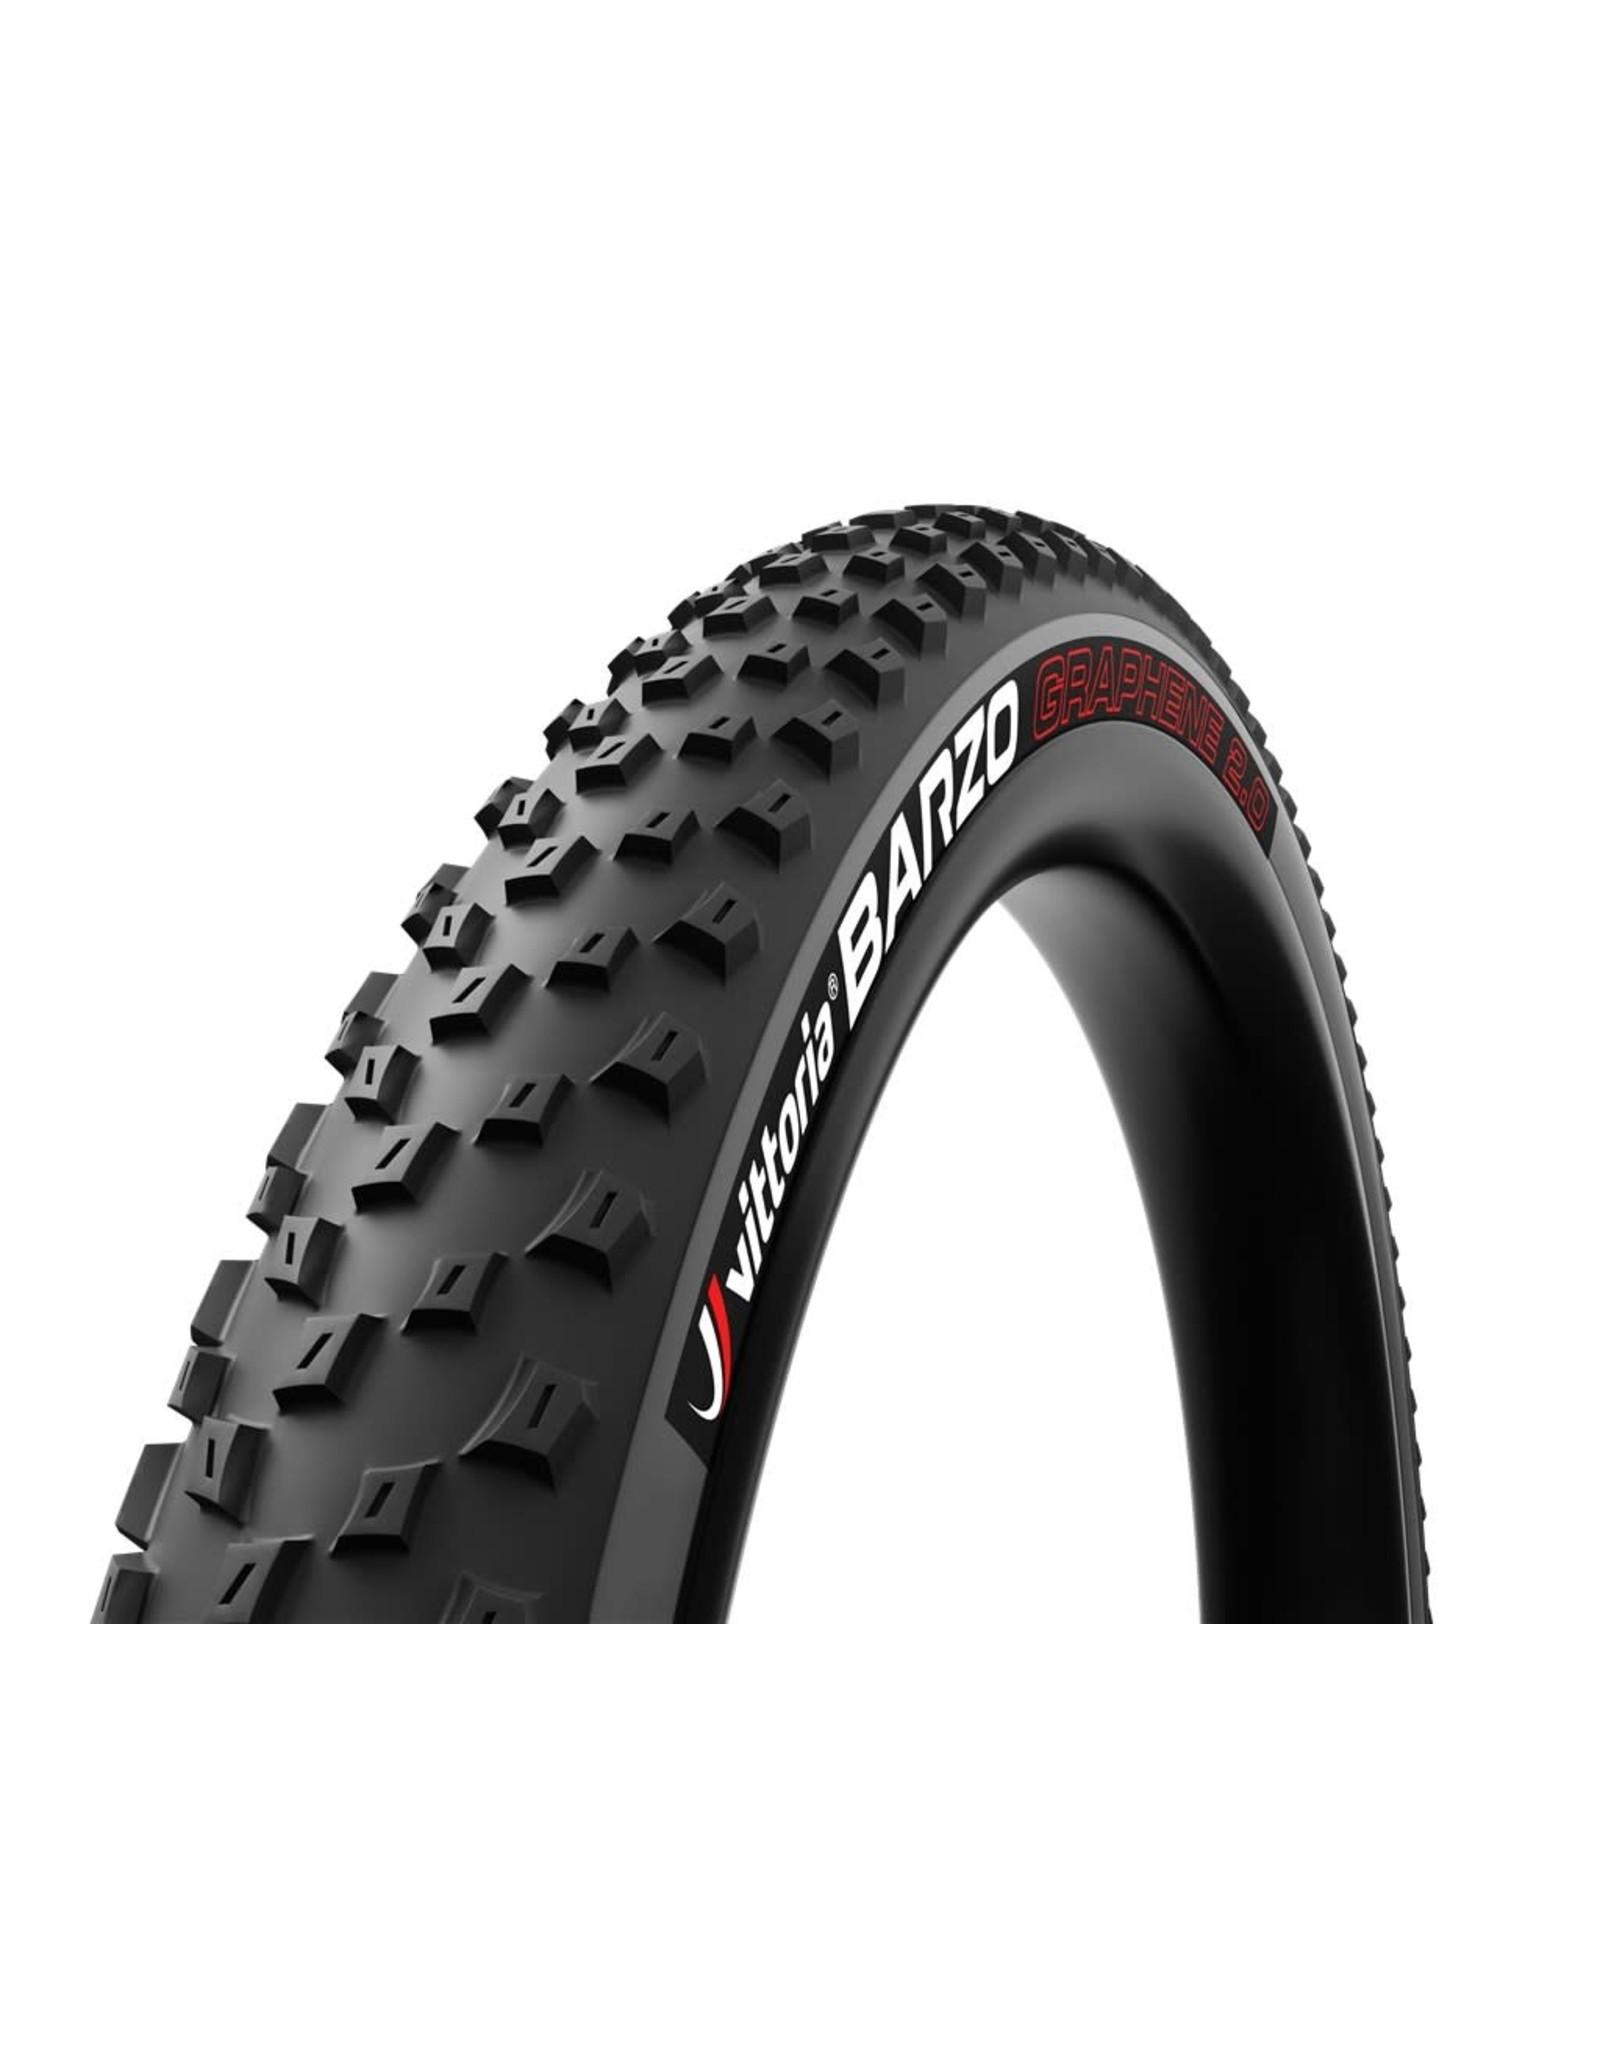 Vittoria Vittoria Barzo G2.0 Tire - 29 x 2.25, Tubeless, Folding, Black/Anthracite, 120tpi